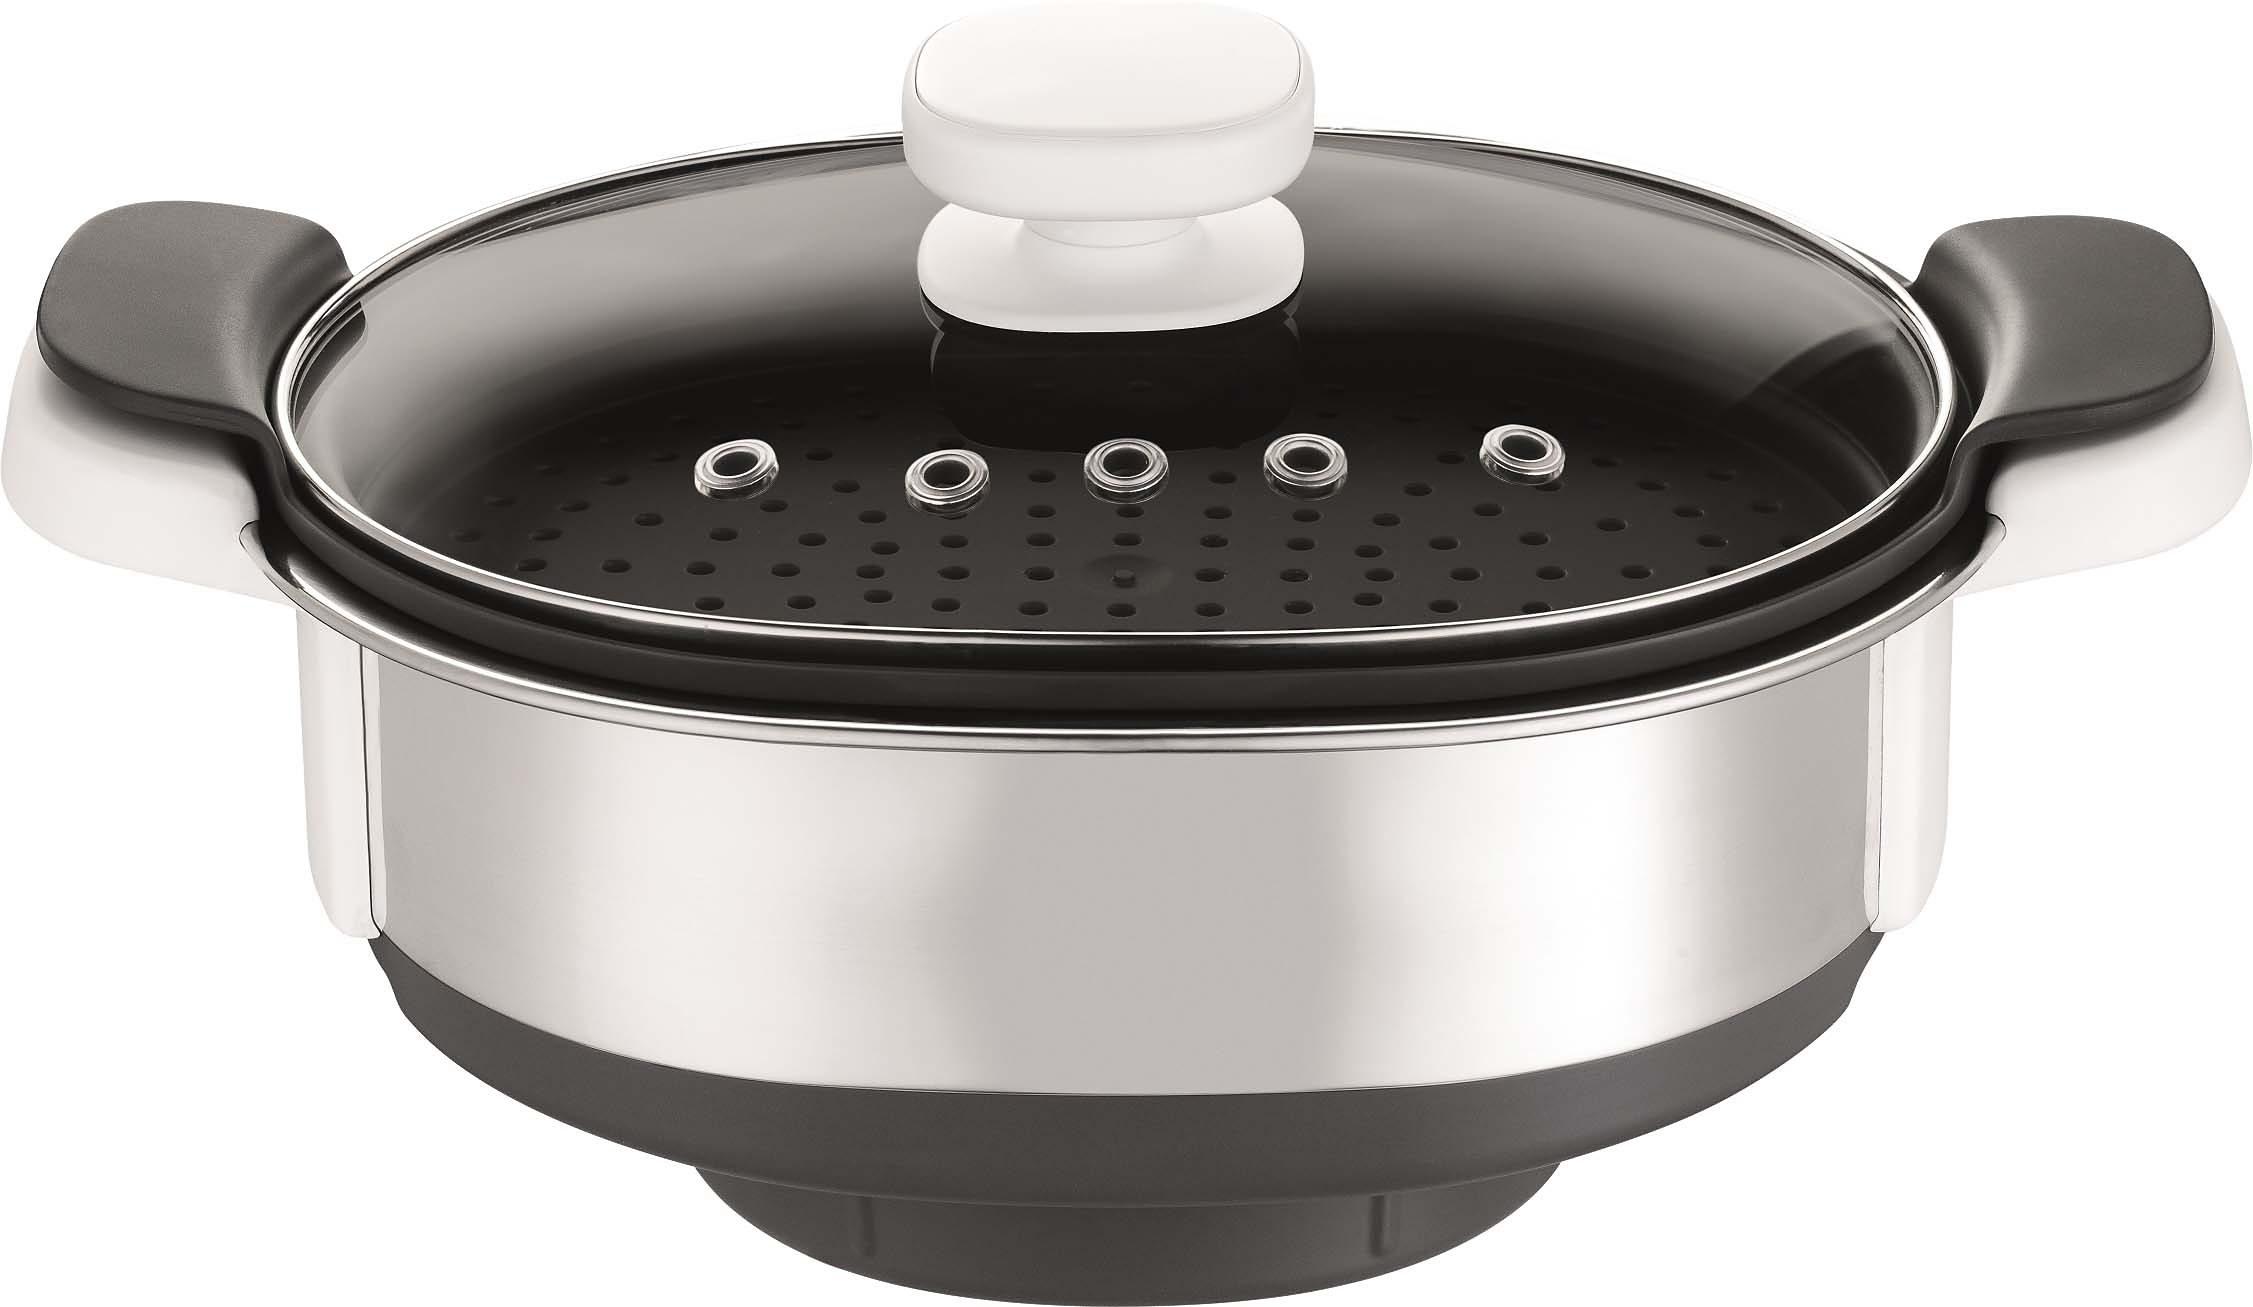 Krups Zubehör: Dampfgaraufsatz XF552D für Küchenmaschine Prep & Cook HP5031